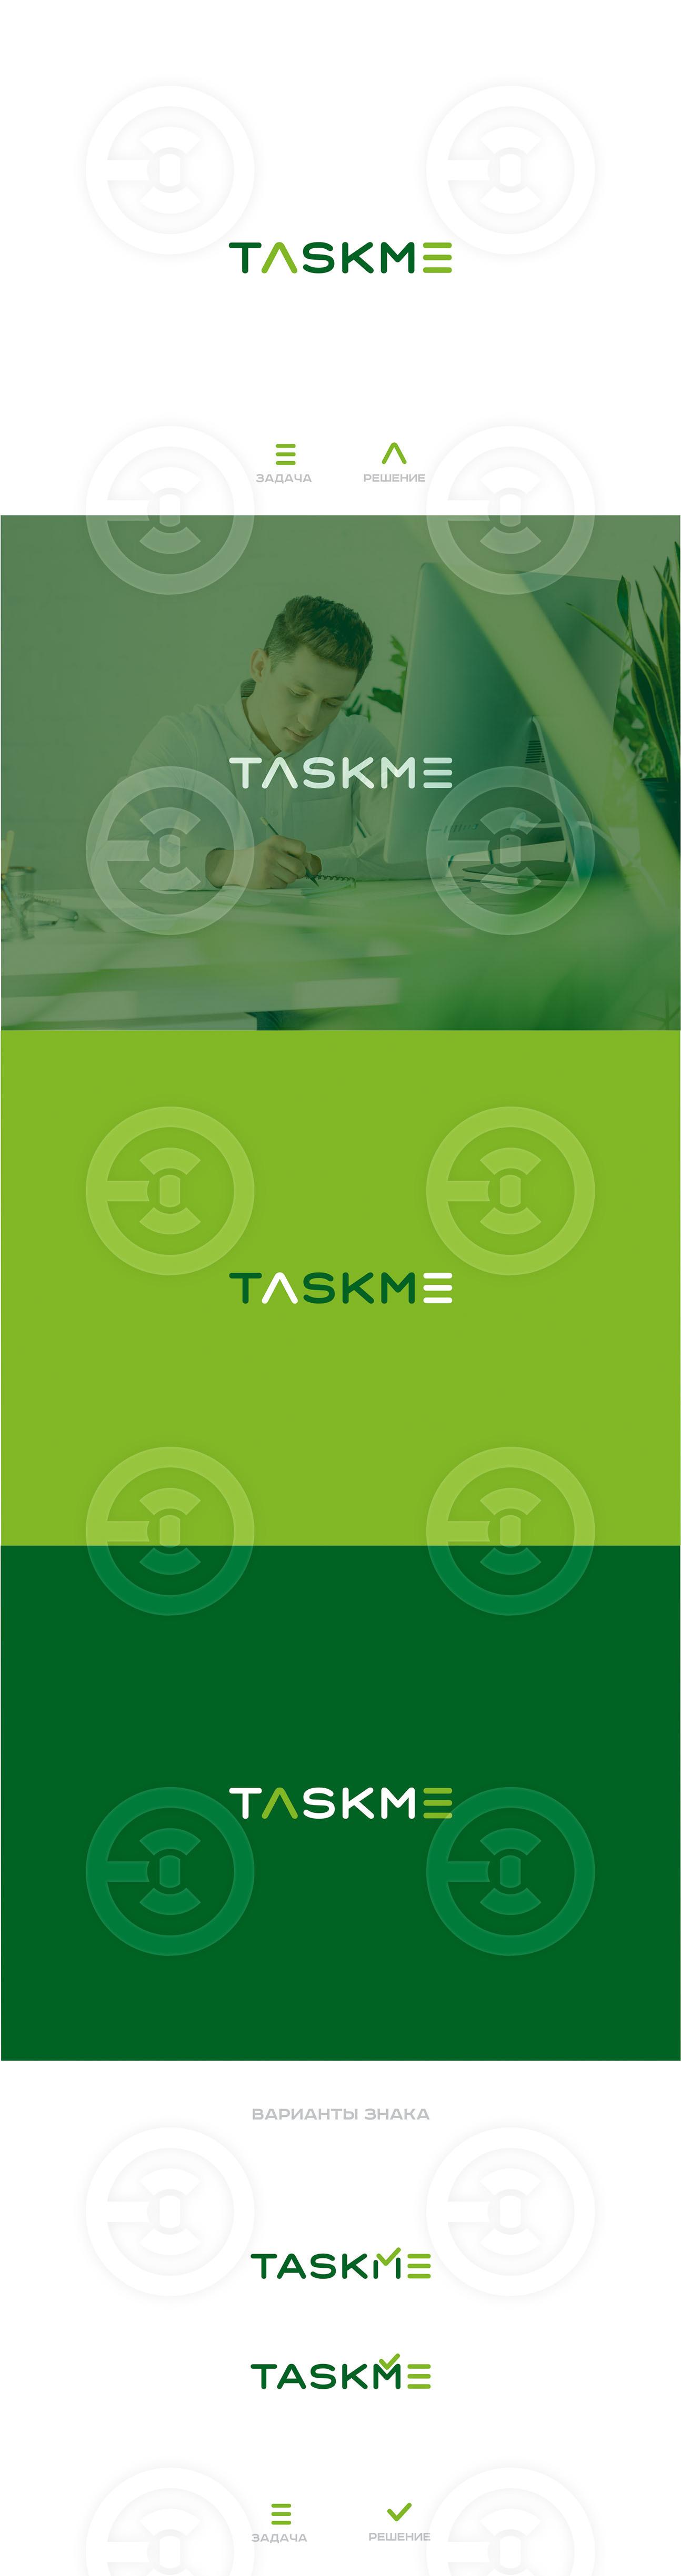 TASKME.jpg